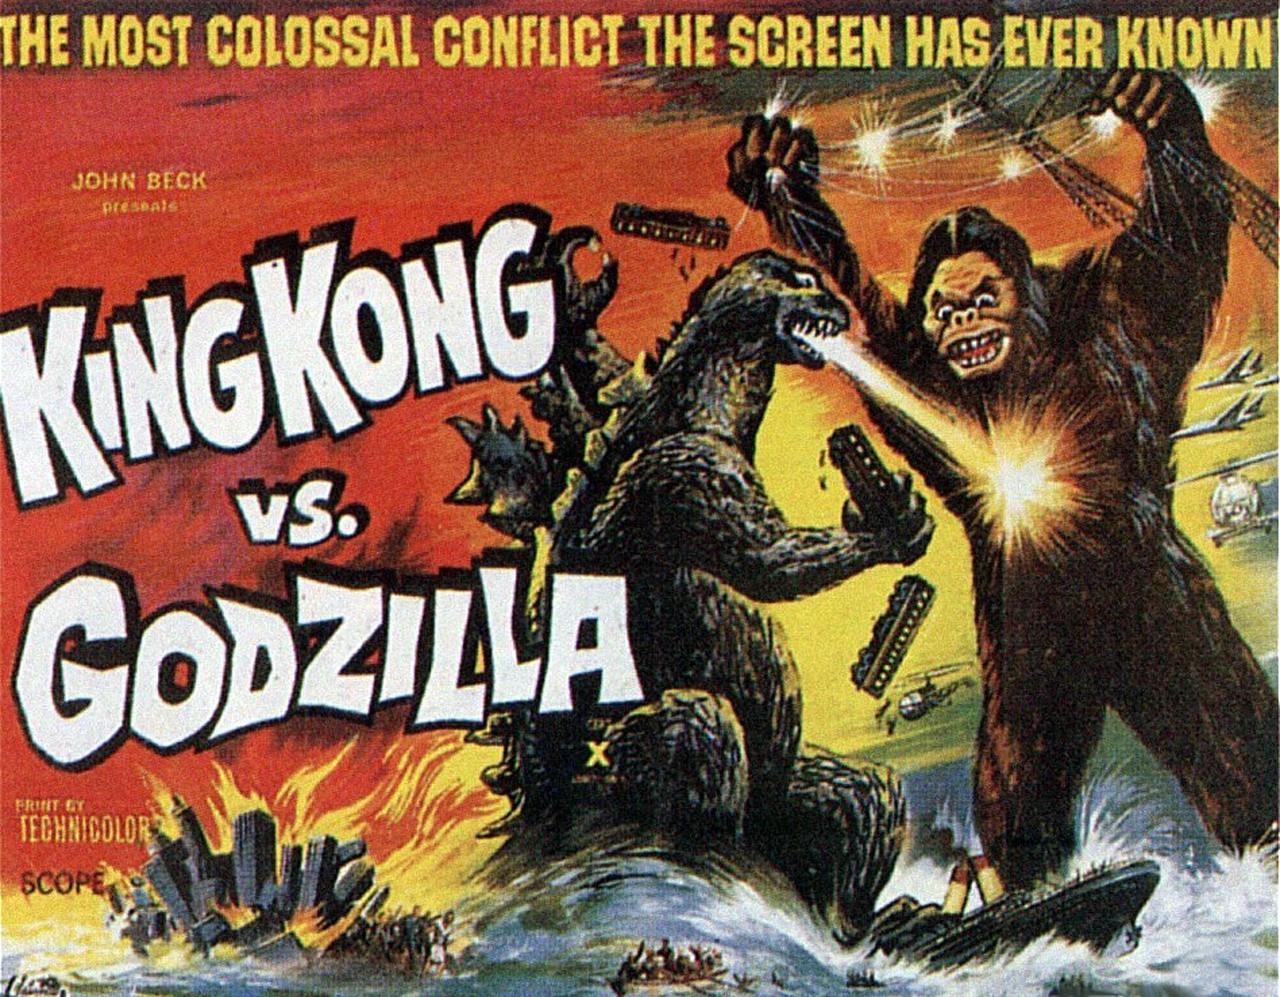 Ver película King Kong vs Godzilla Online